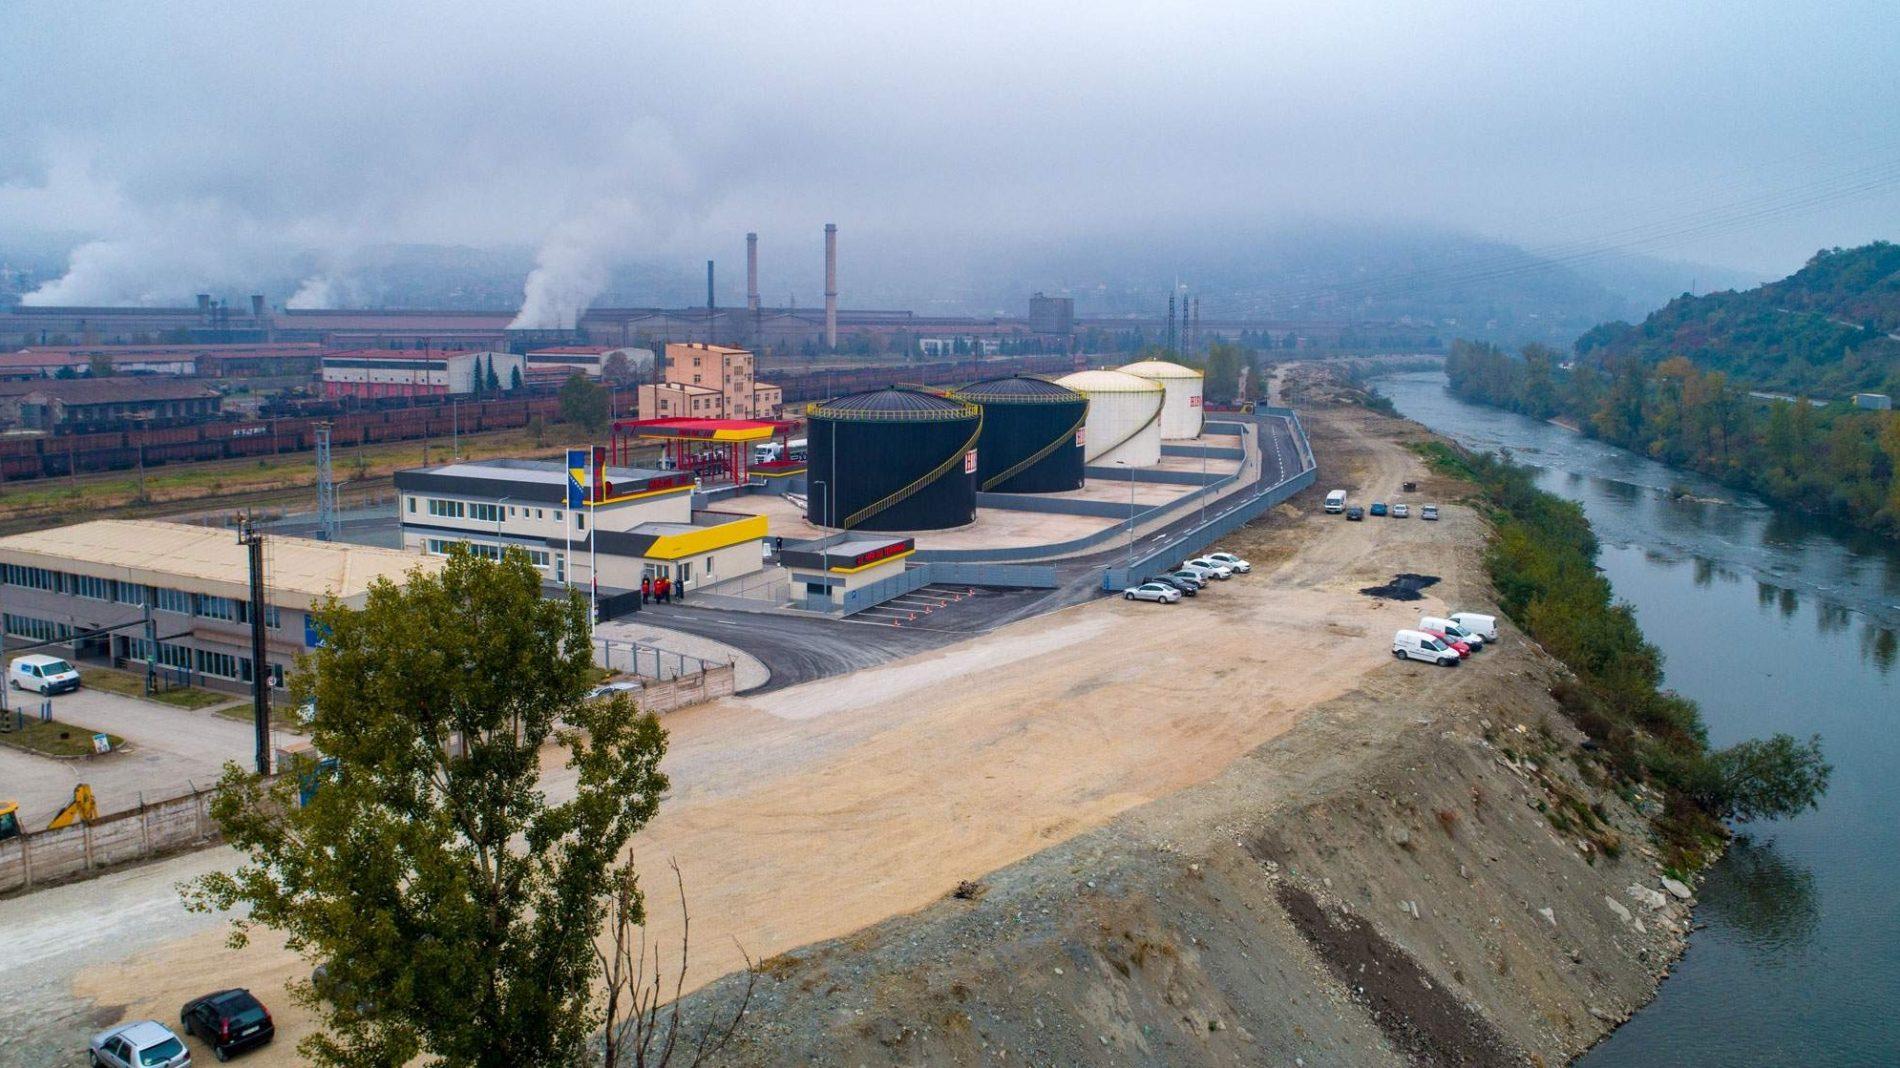 'Hifa oil' u CG dobila posao vrijedan pola miliona eura